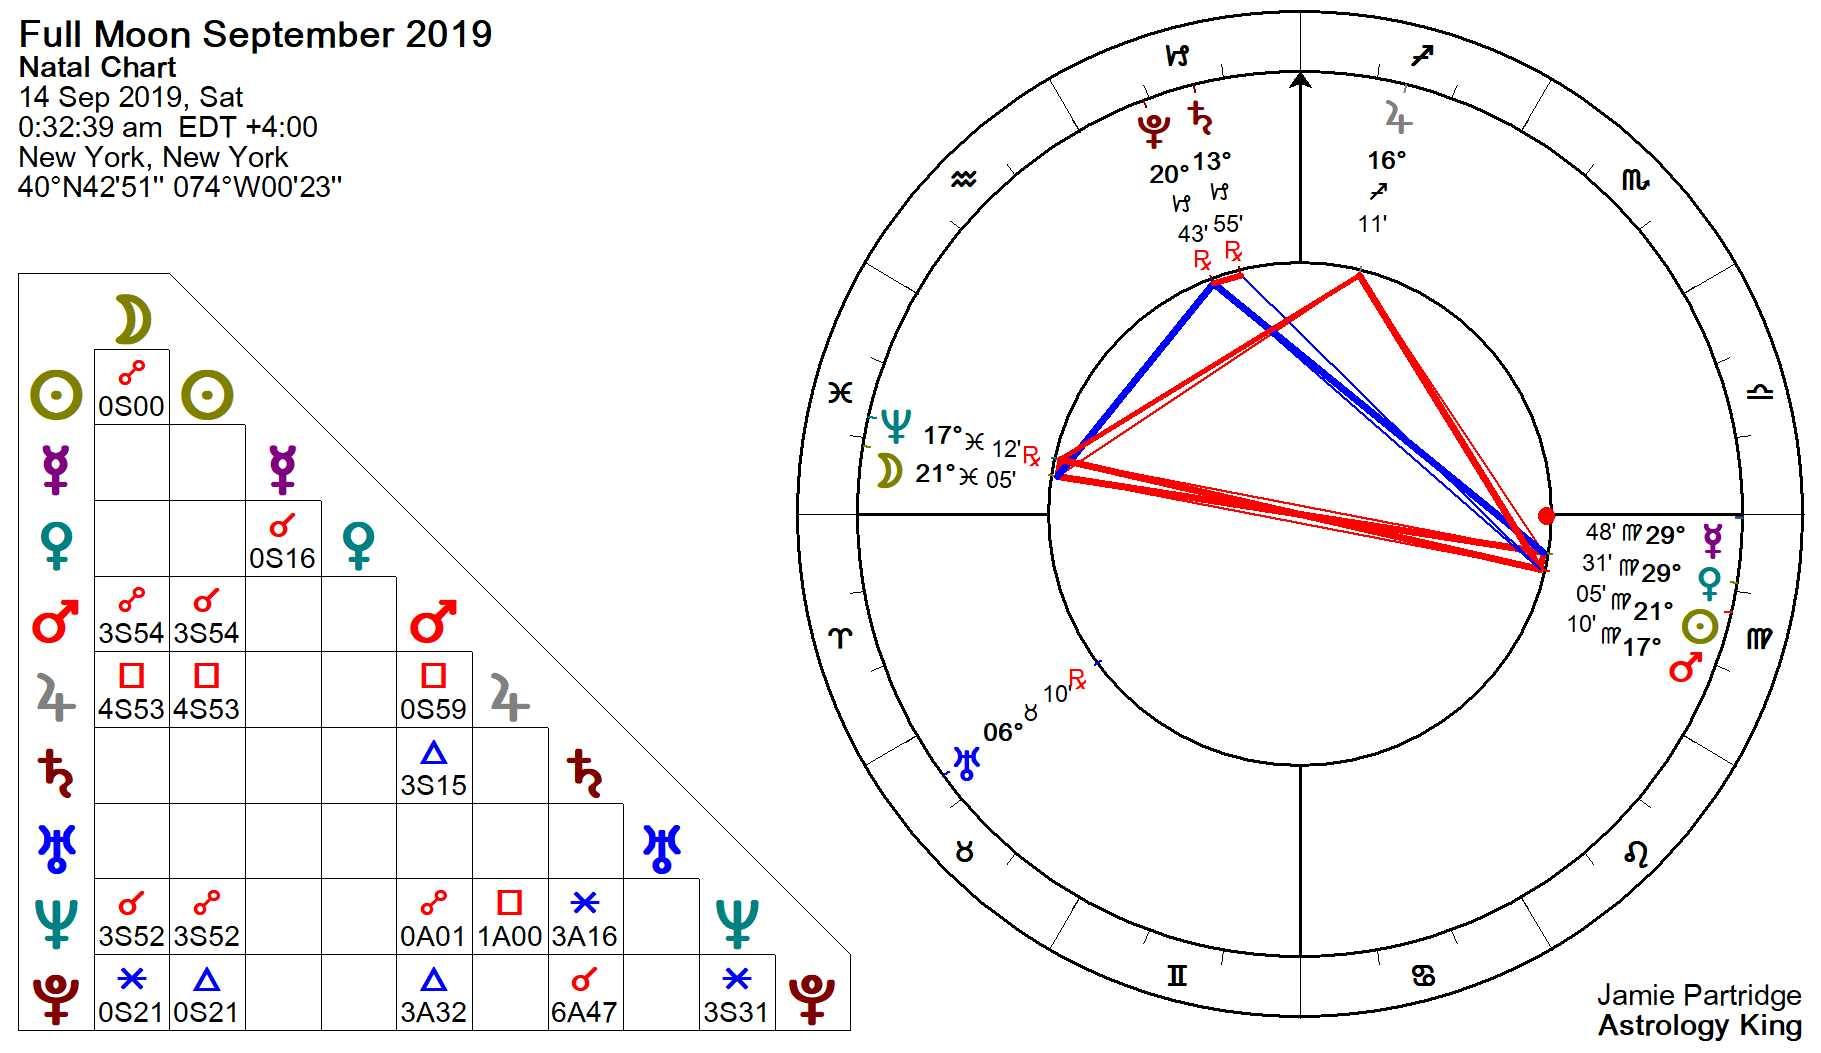 Full Moon September 2019 – The Phoenix – Astrology King